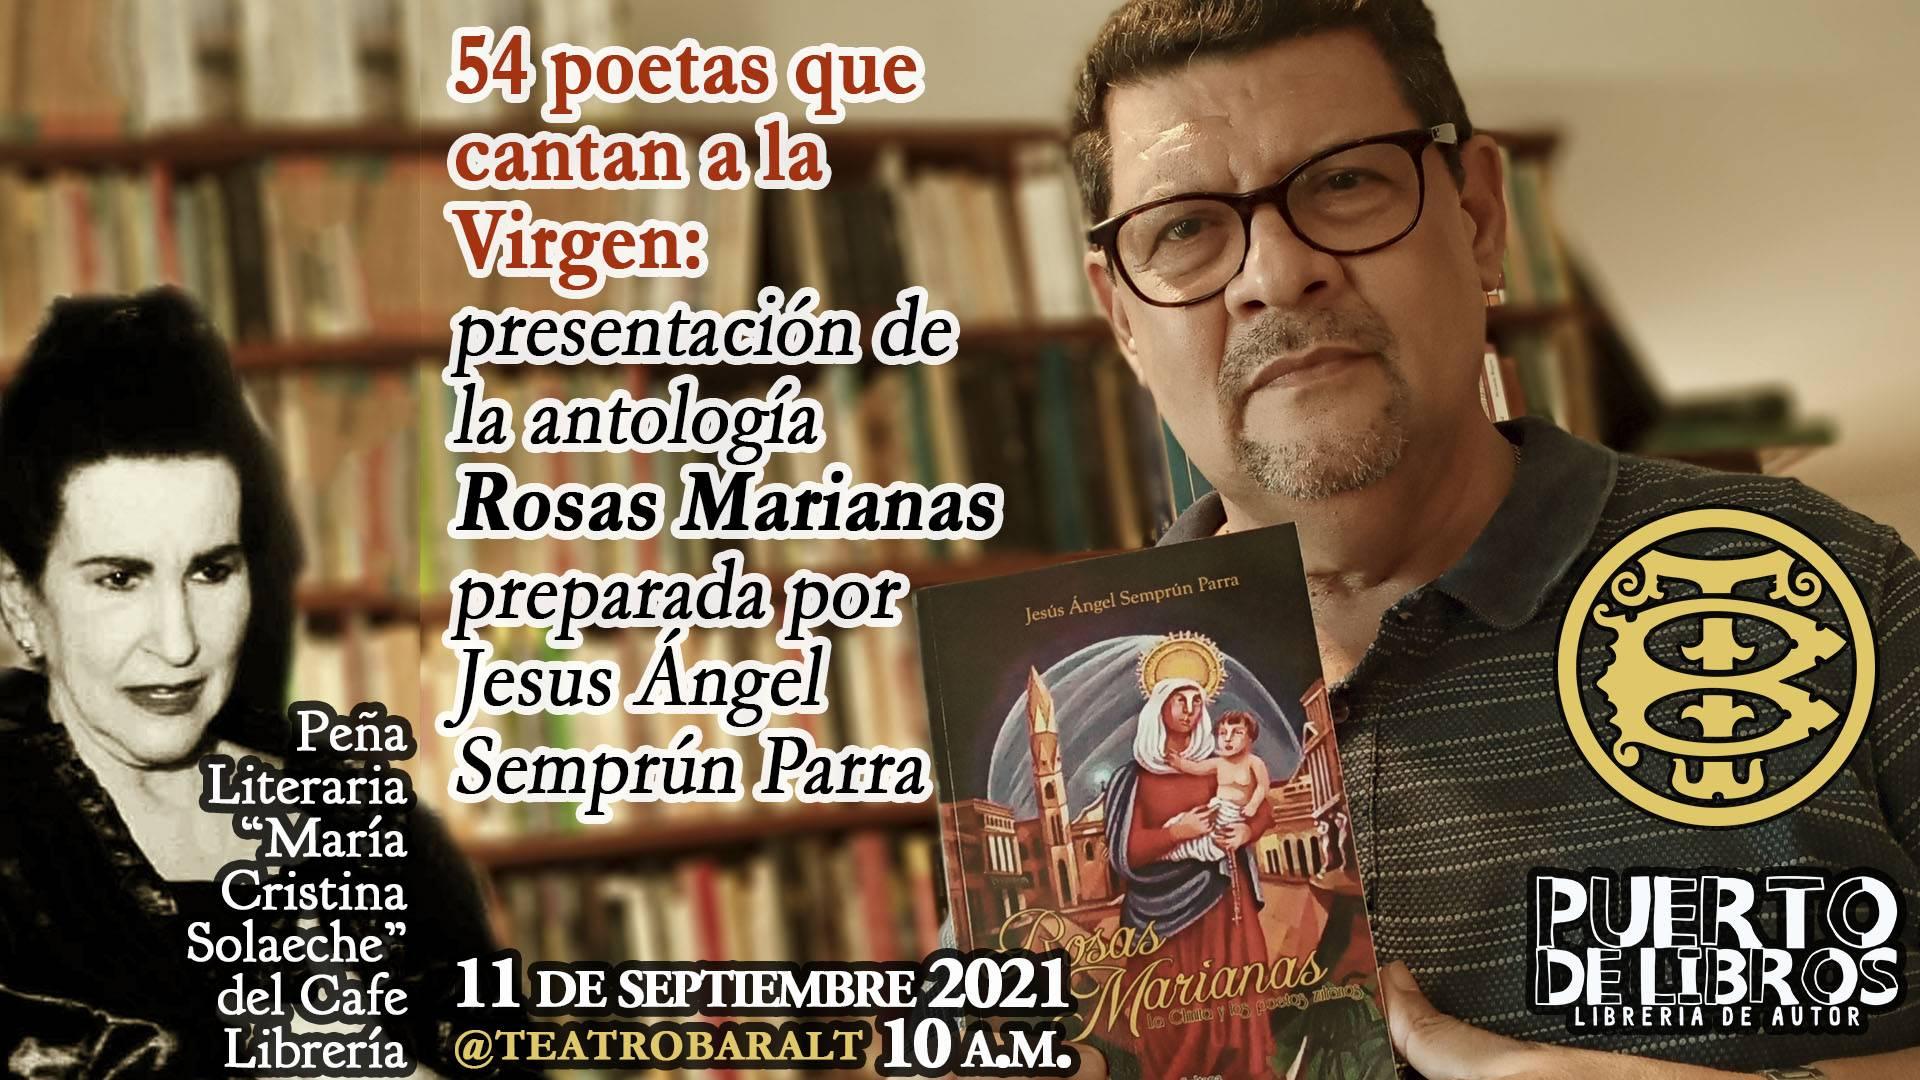 54 poetas que cantan a la Virgen: presentación de la antología Rosas Marianas preparada por Jesus Ángel Semprún Parra